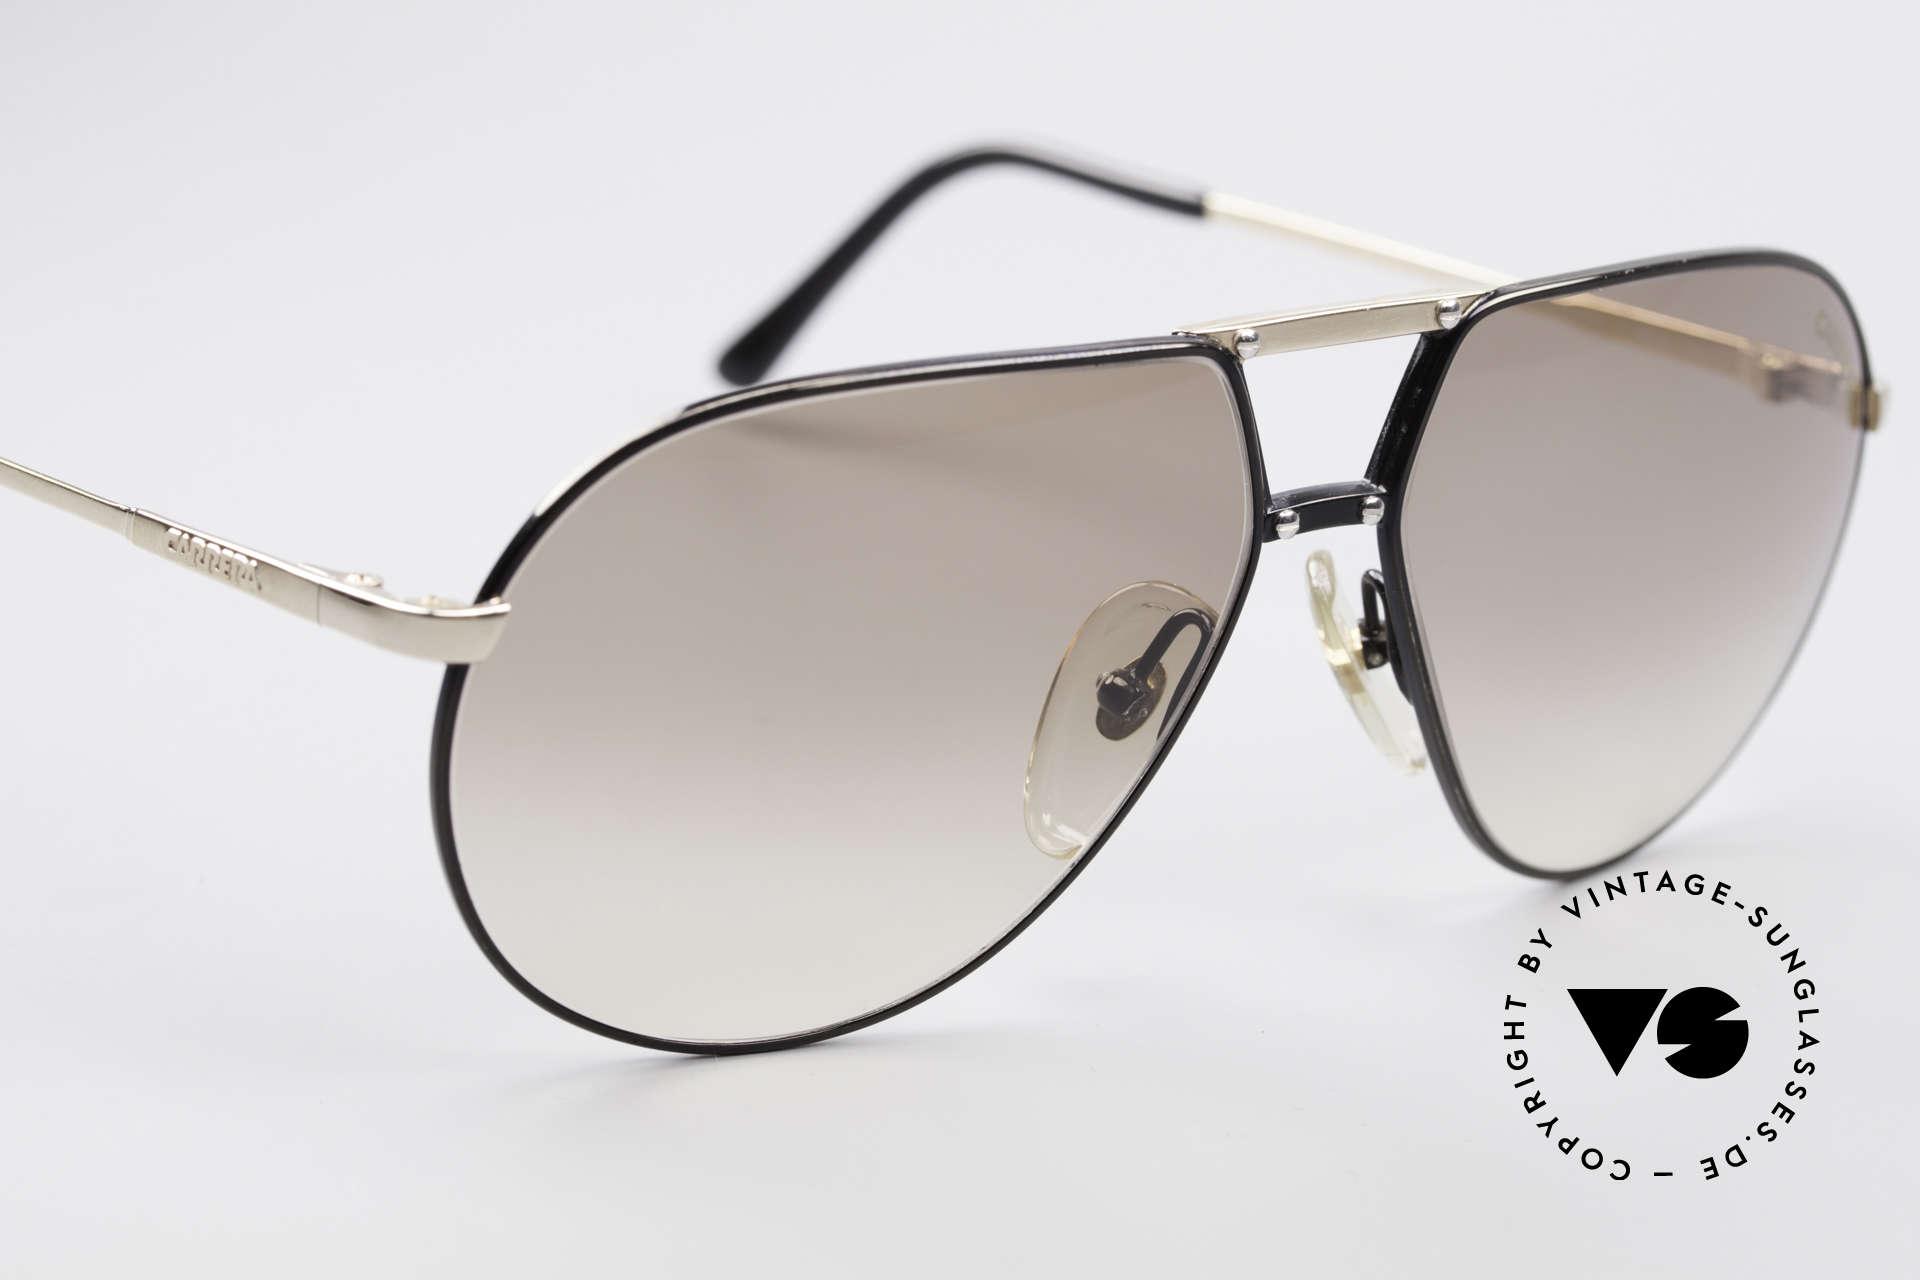 Carrera 5326 - S 80er Herren Sonnenbrille, ungetragen (wie all unsere Carrera Sonnenbrillen), Passend für Herren und Damen